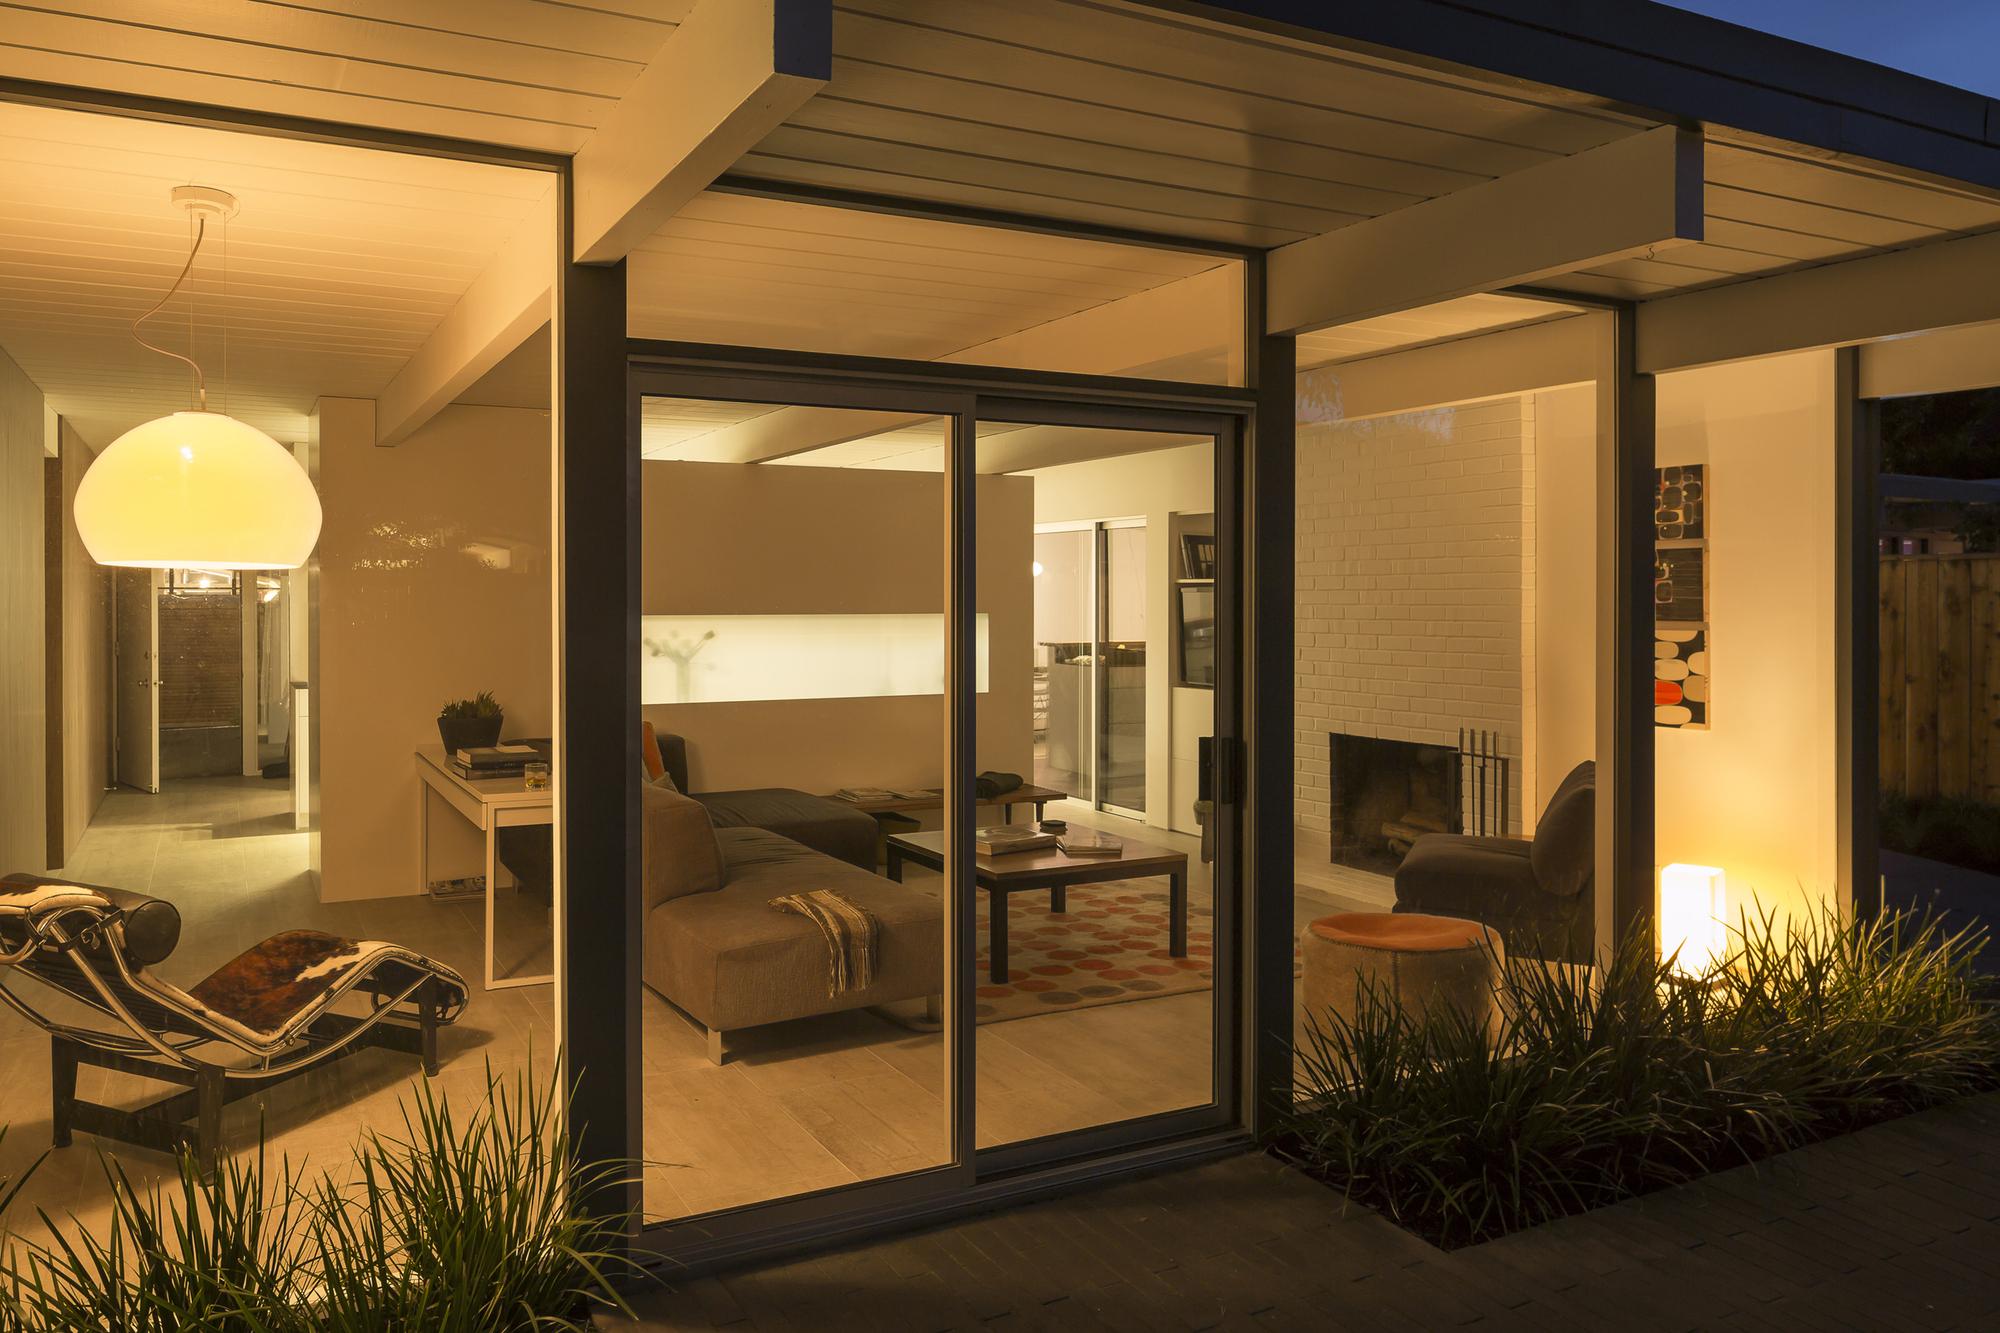 5306c7dcc07a80a2760000d5_shoup-residence-buildin-lab_2880px_hargis_131117_9917